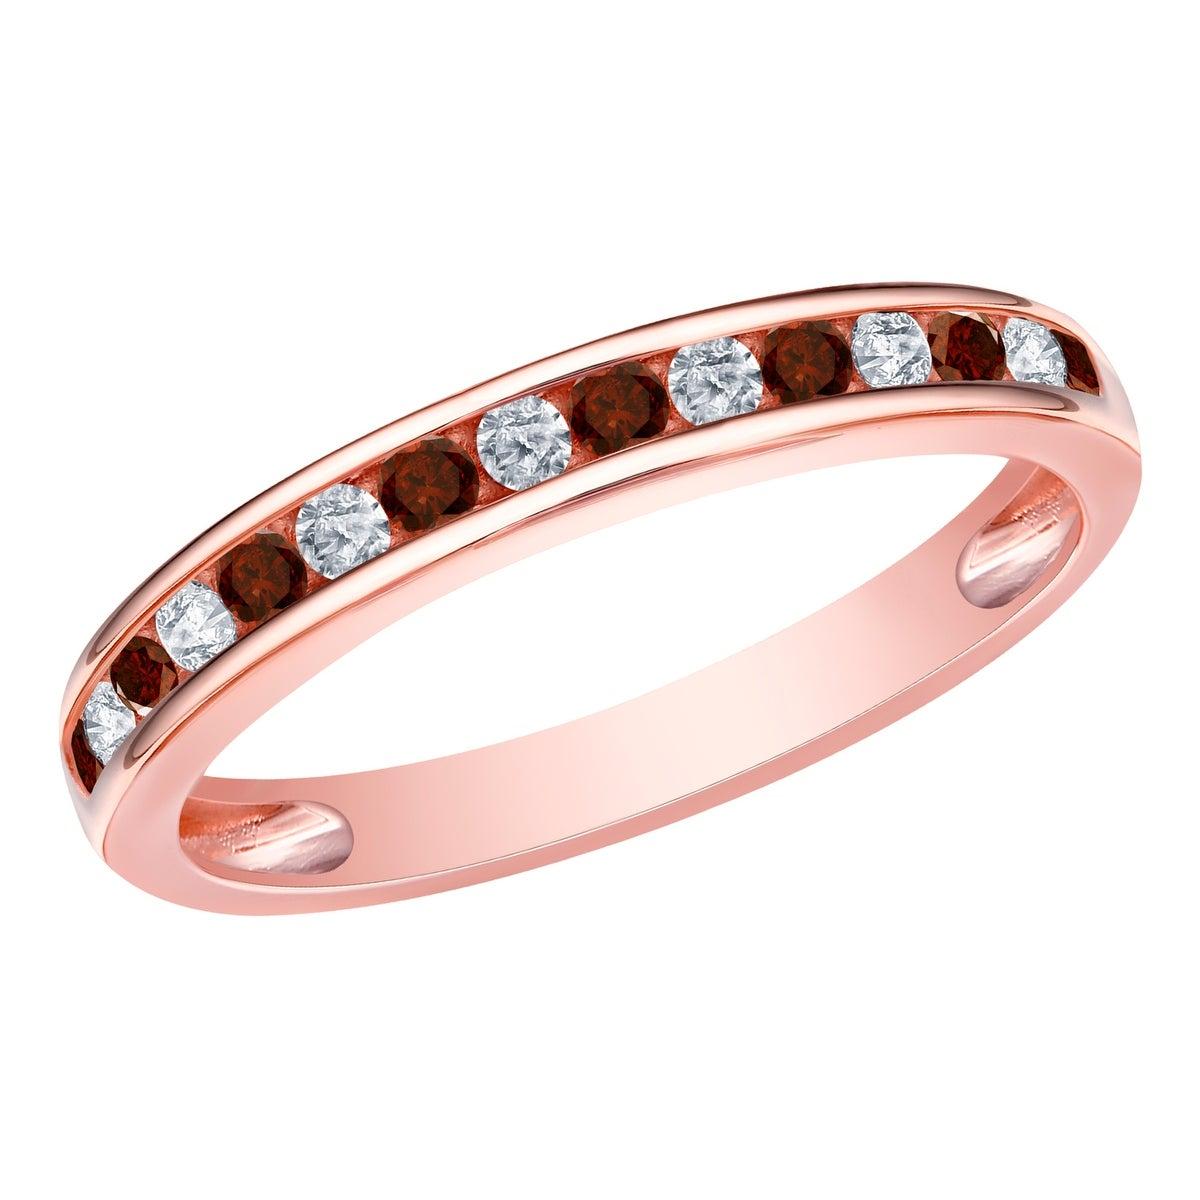 Prism Jewel 0.30Ct Round Red Diamond With Diamond Anniversary Ring